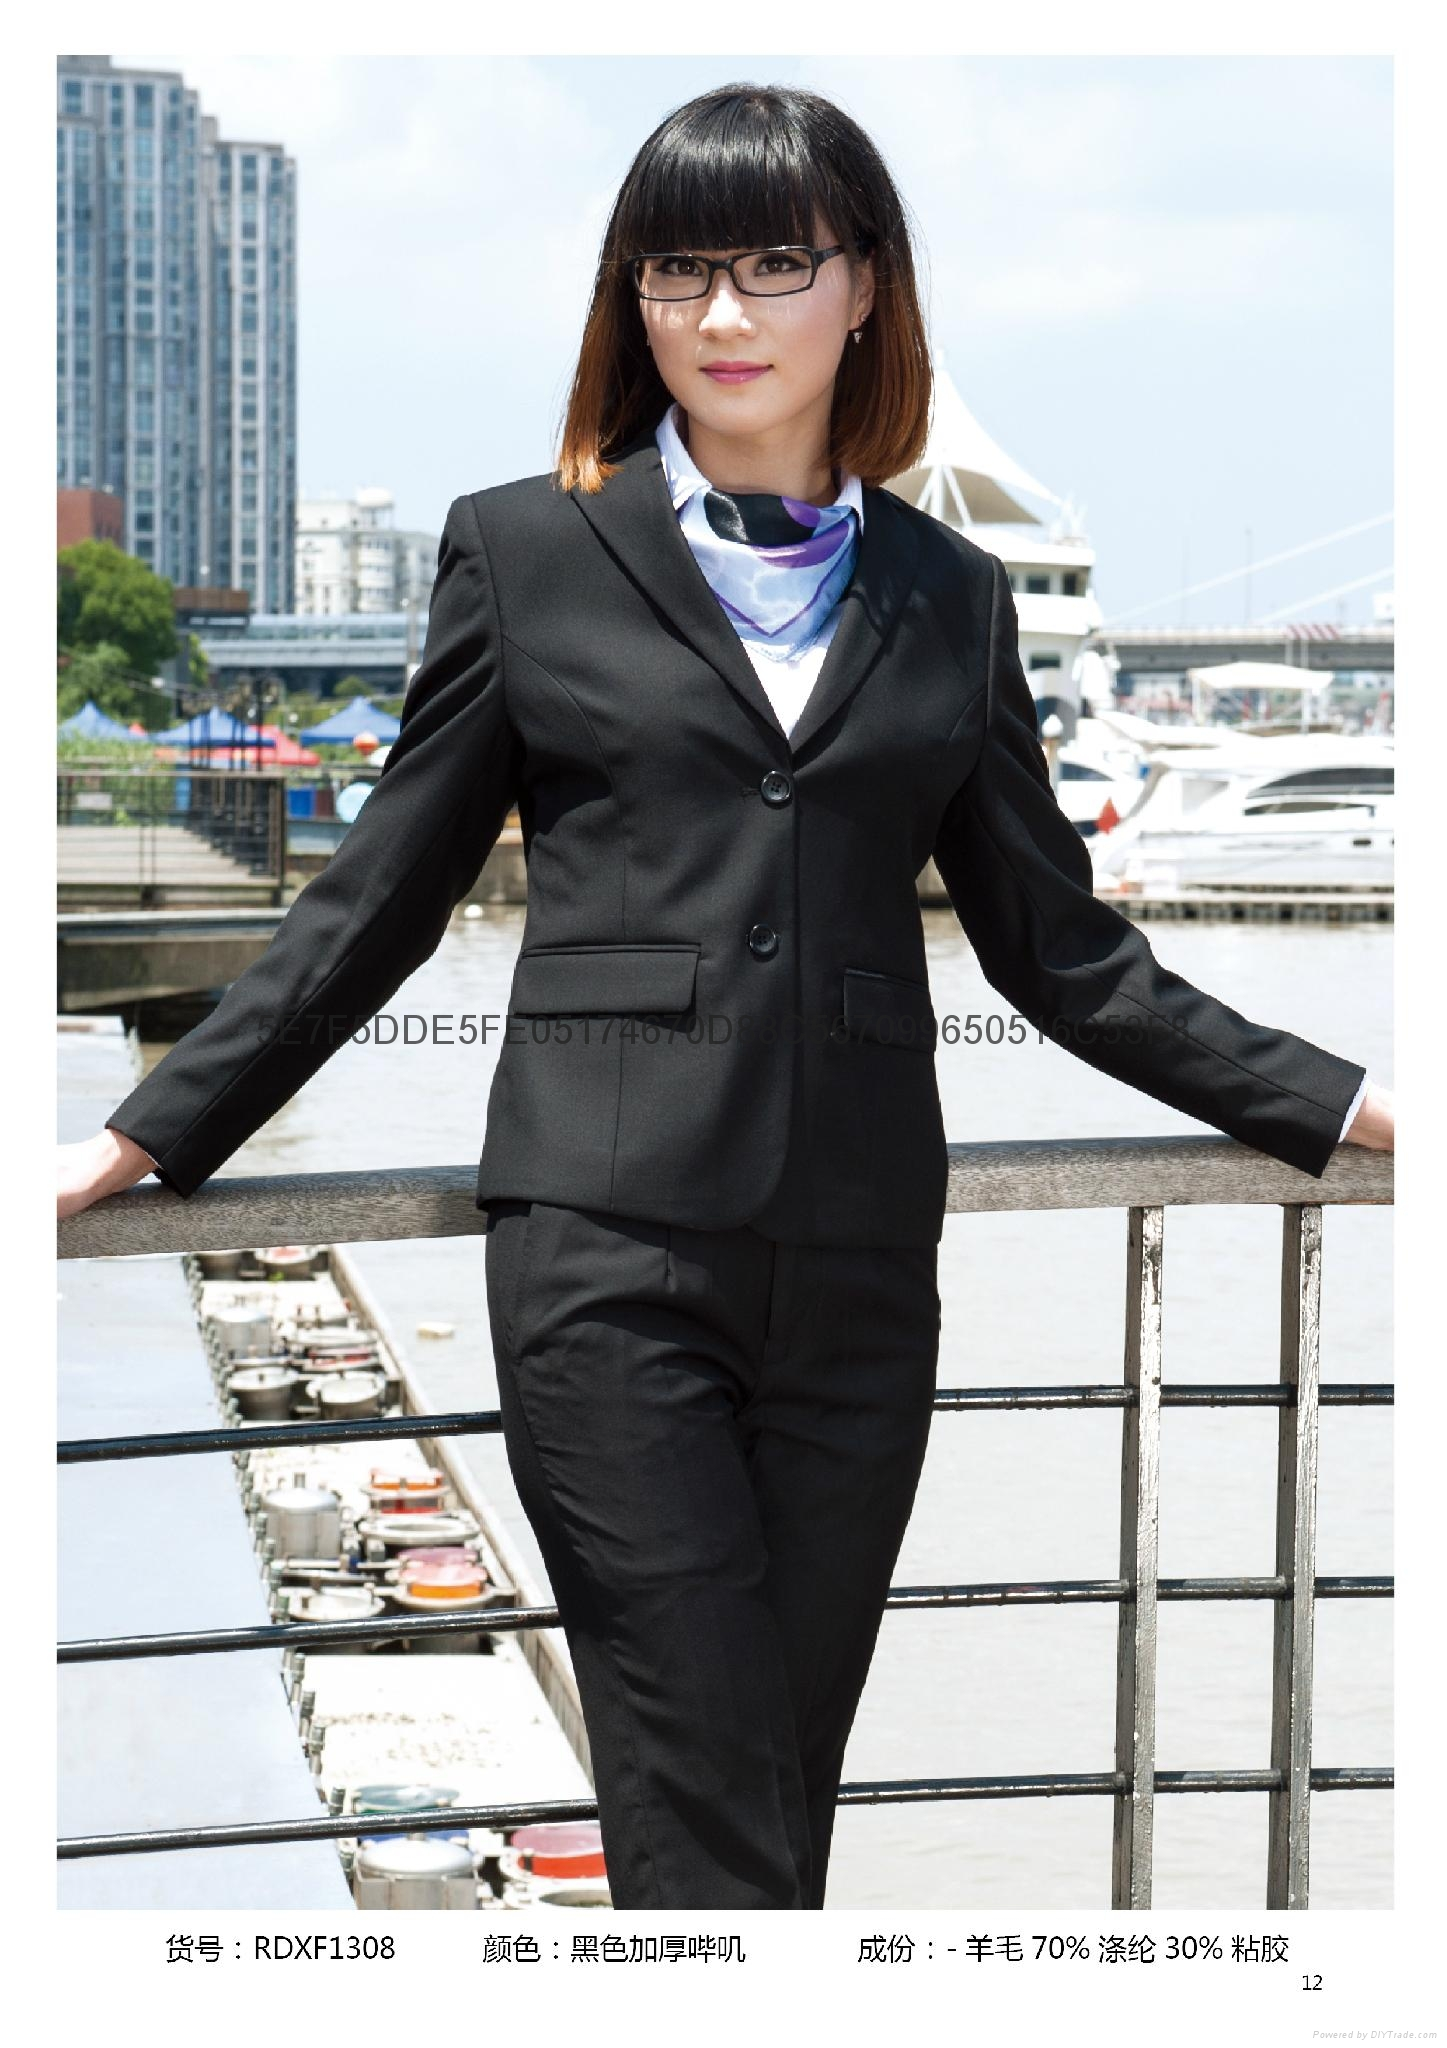 工作服-制服-职业装 5